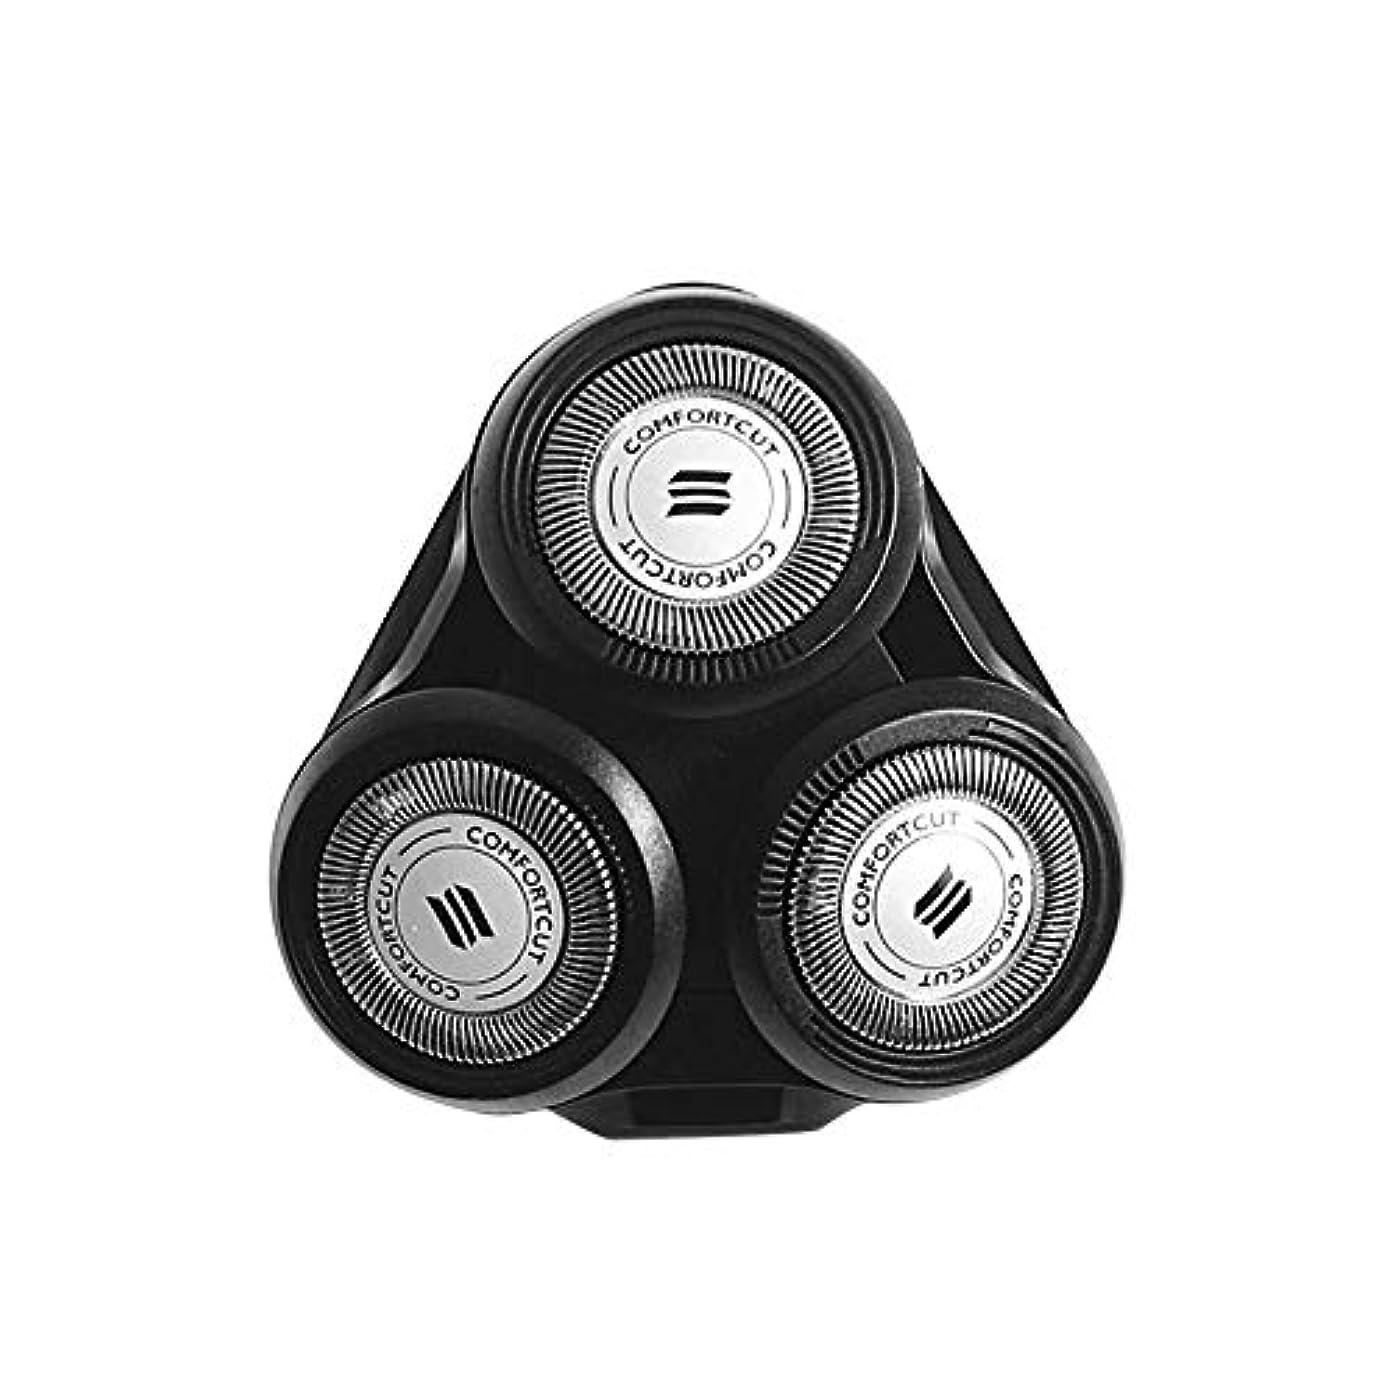 急いで今日旋回シェービングヘッド、電気シェーバー交換ヘッド、フィリップスシェービングヘッド用交換ヘッド、モデルS5000 SH70 SH90 RQ10 RQ11 RQ12と互換性あり